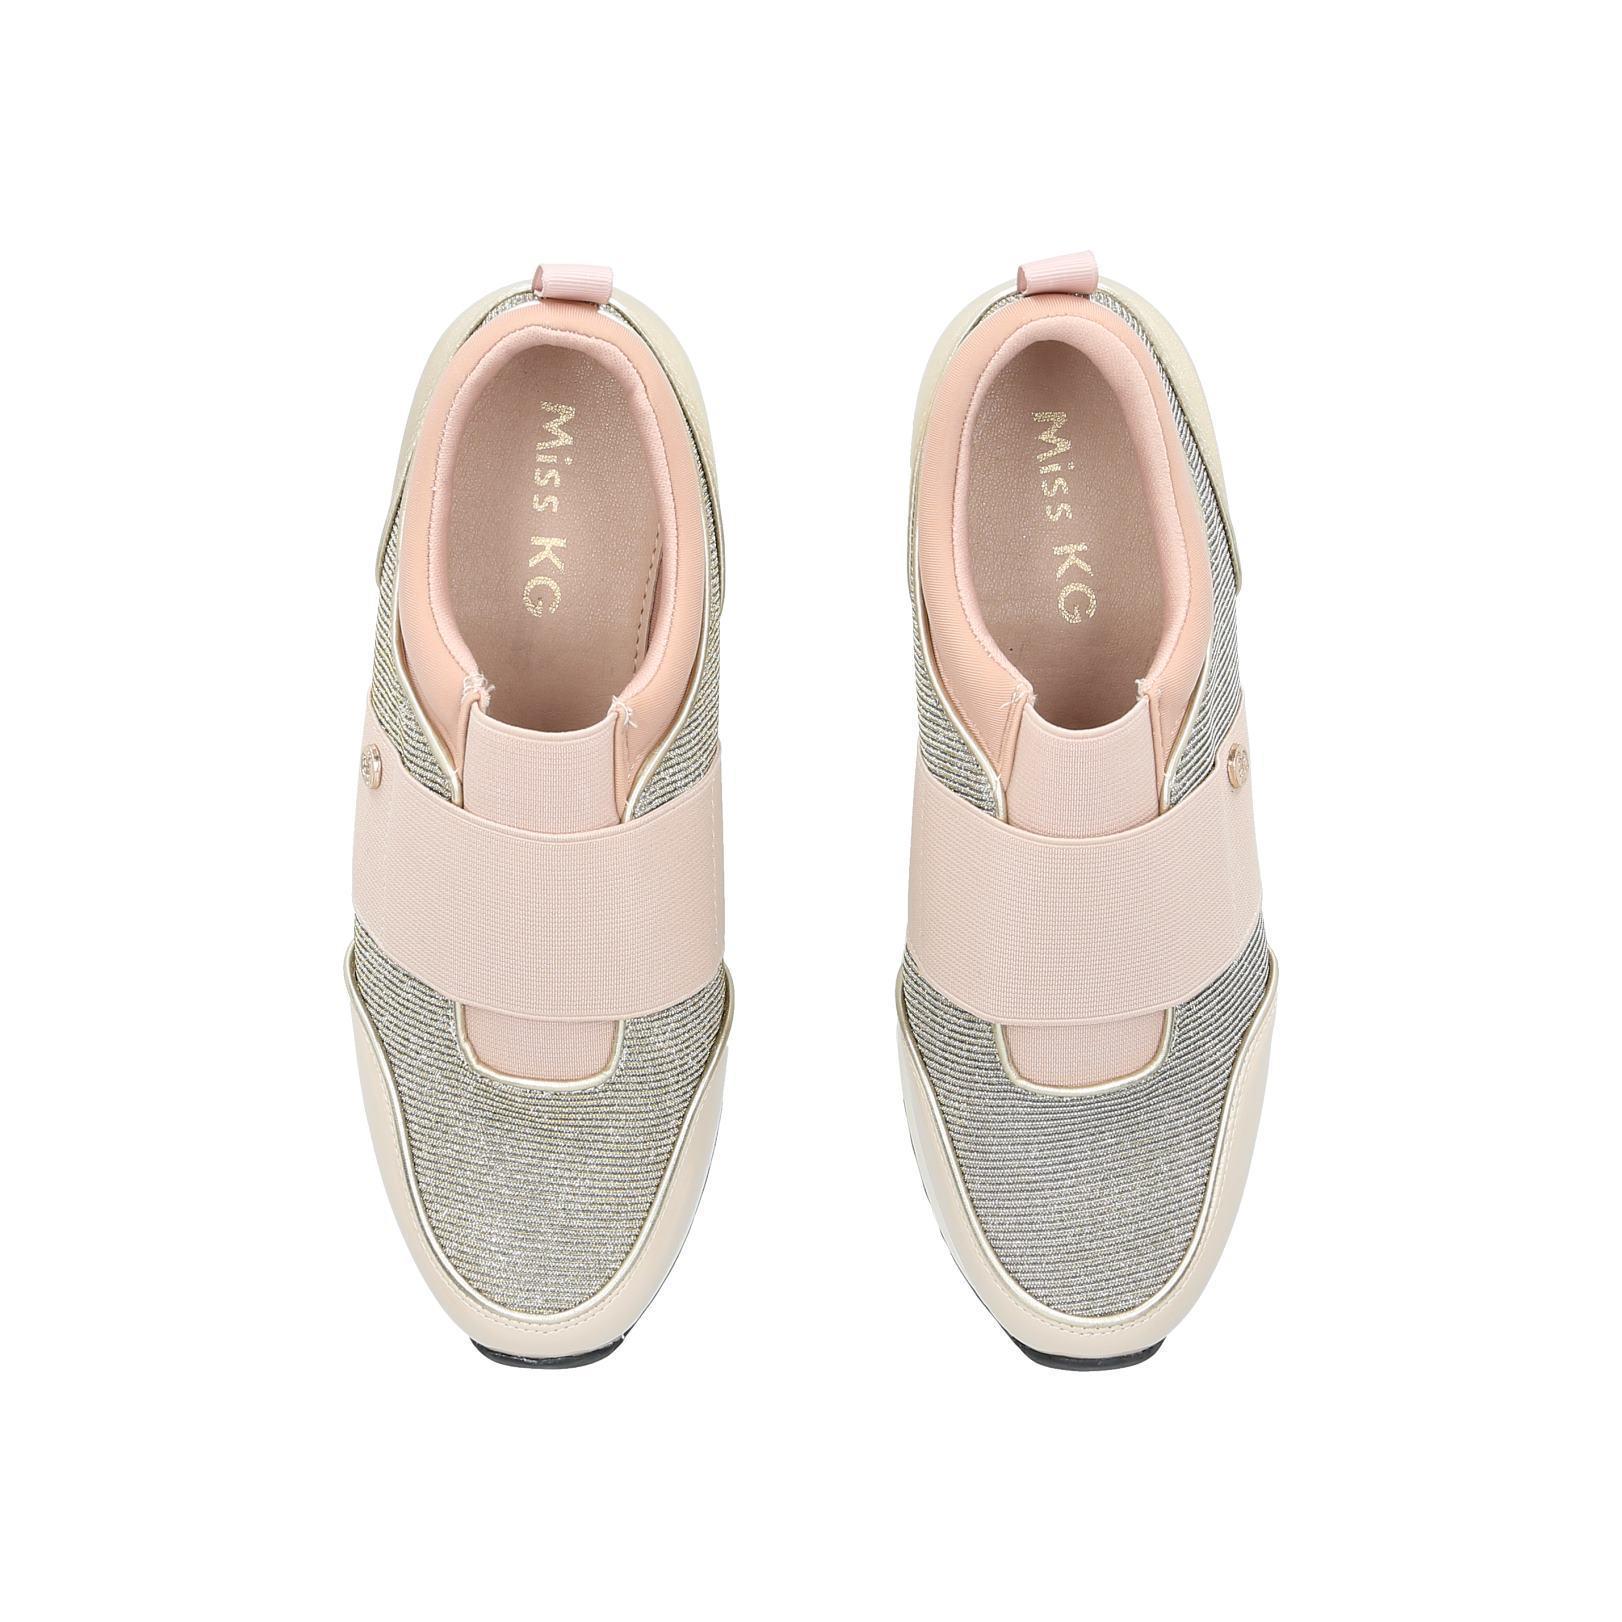 Miss Kg Slip On Sneakers in Pale Pink